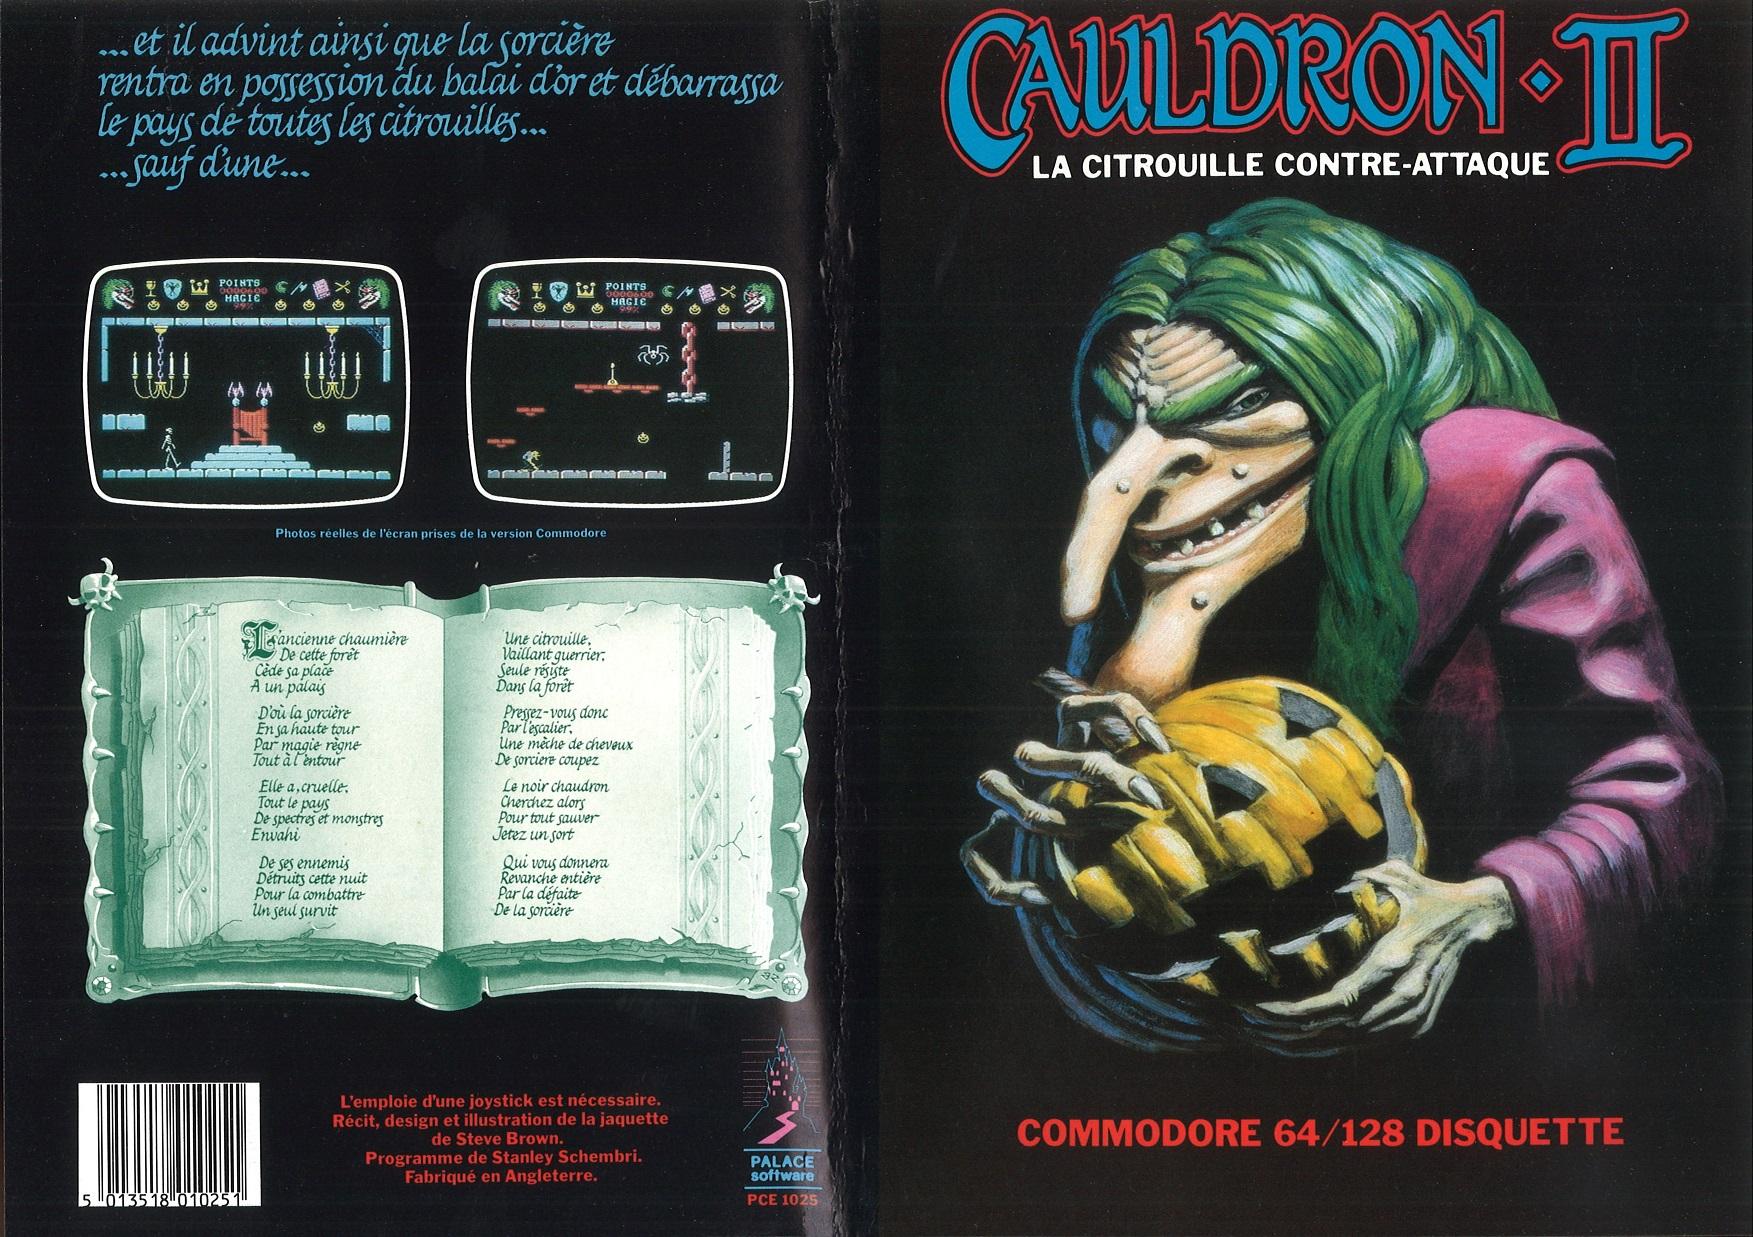 c64-wallet-cauldron